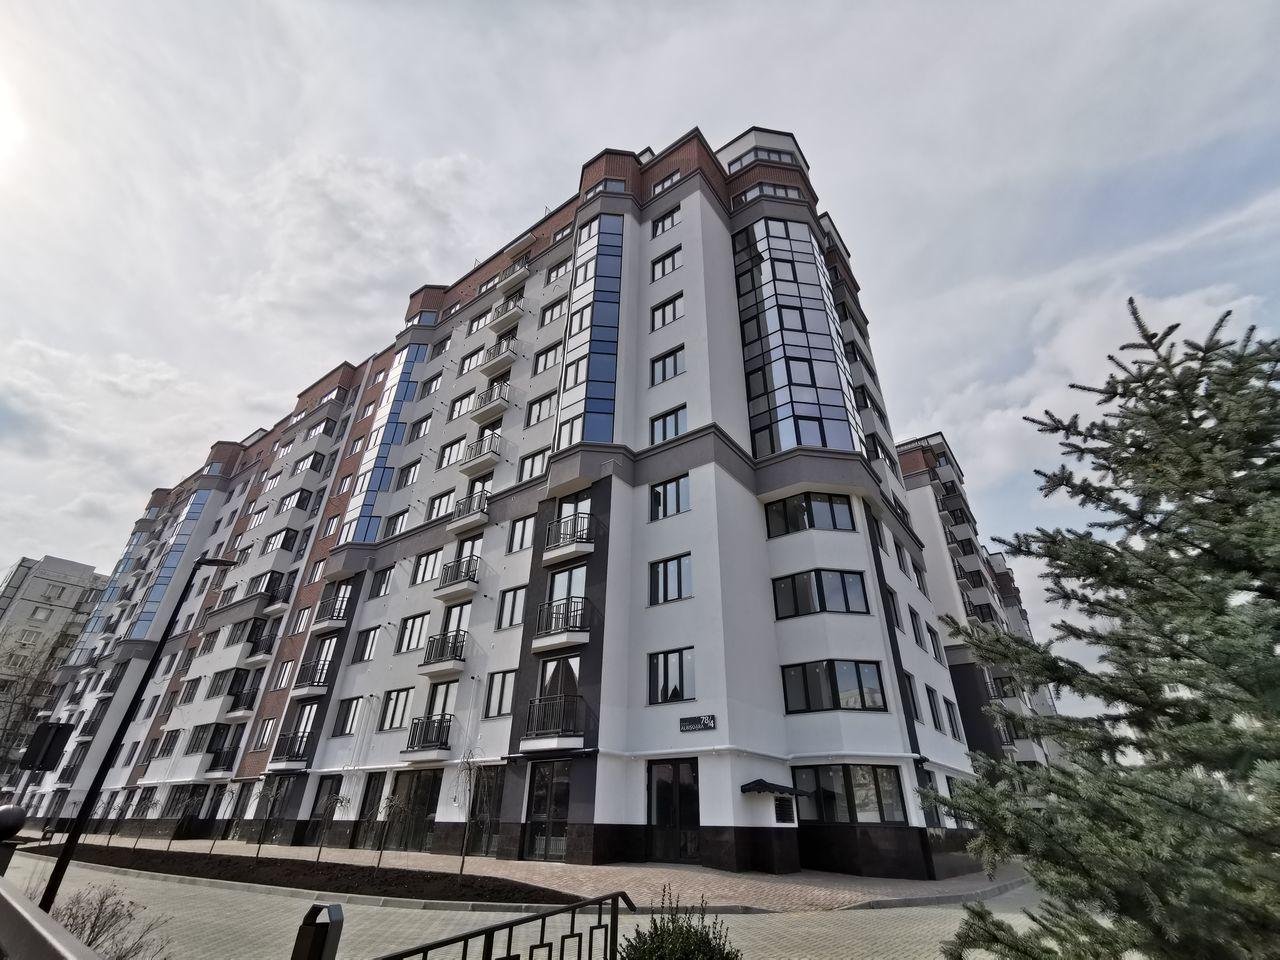 Apartamente cu terasă în variantă albă, Centru, Albișoara, ExFactor